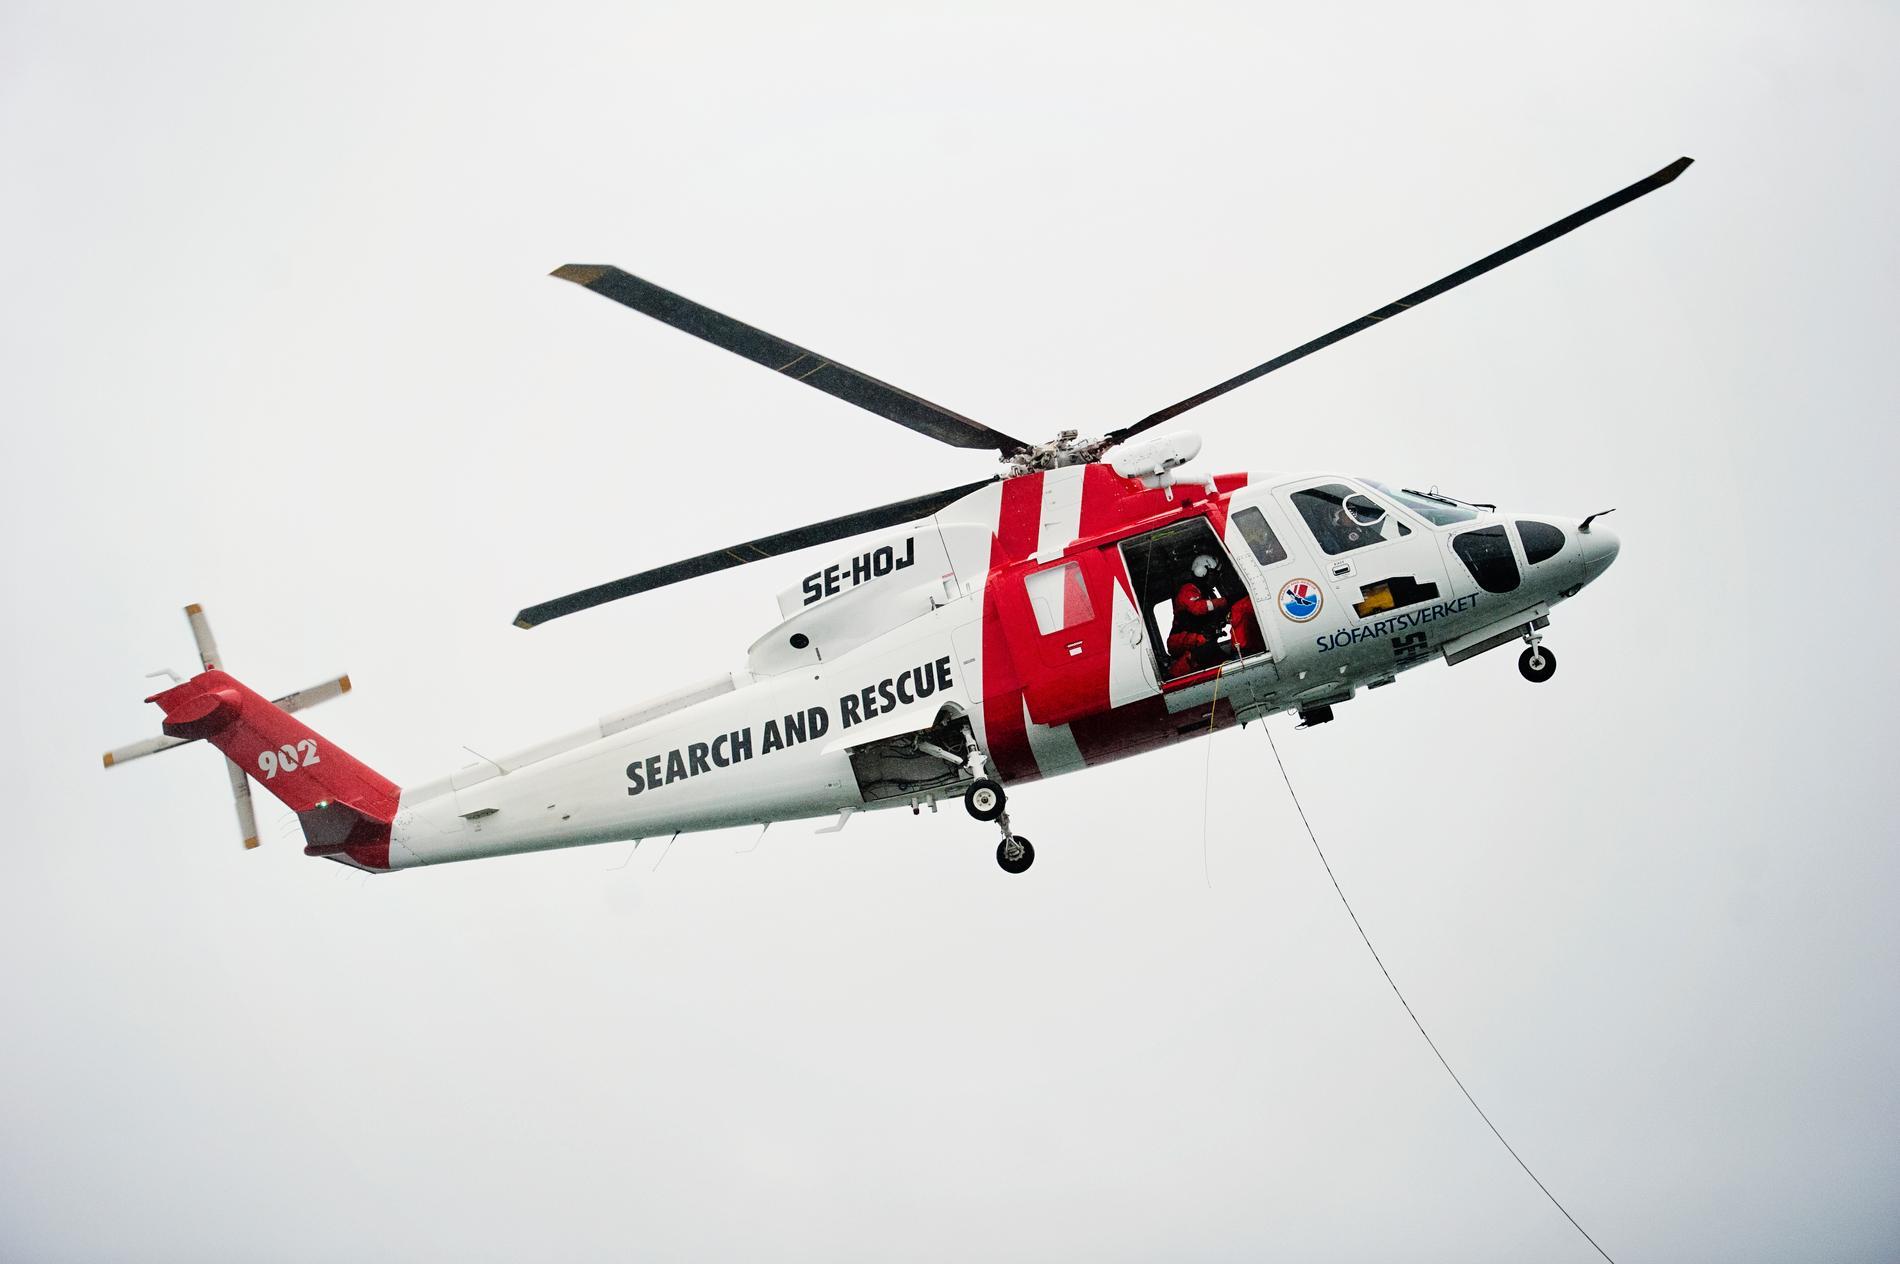 En sjöräddningsaktion i Vänern slutade med att såväl de nödställda som räddningspersonalen fick hämtas av en helikopter. Arkivbild.